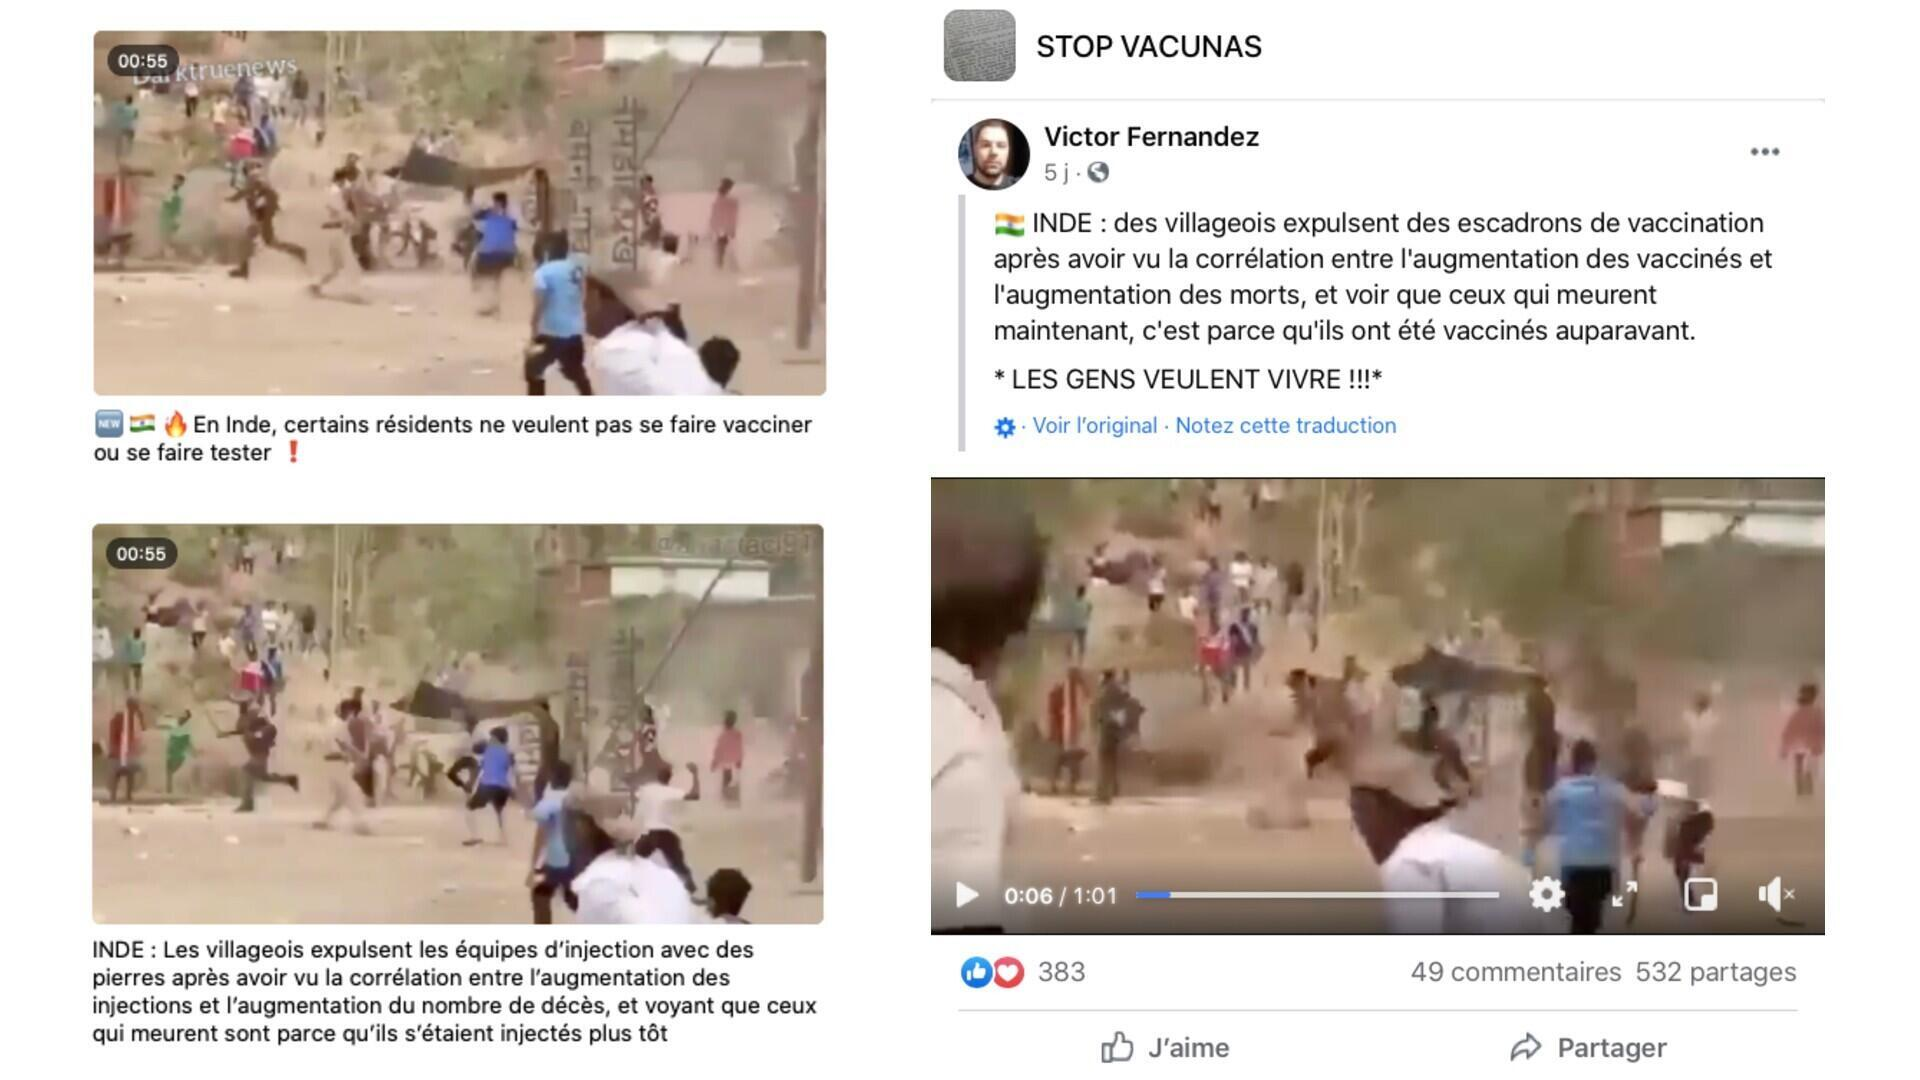 مطالب مشابه همچنین در تلگرام و فیسبوک نیز منتشر شده است.